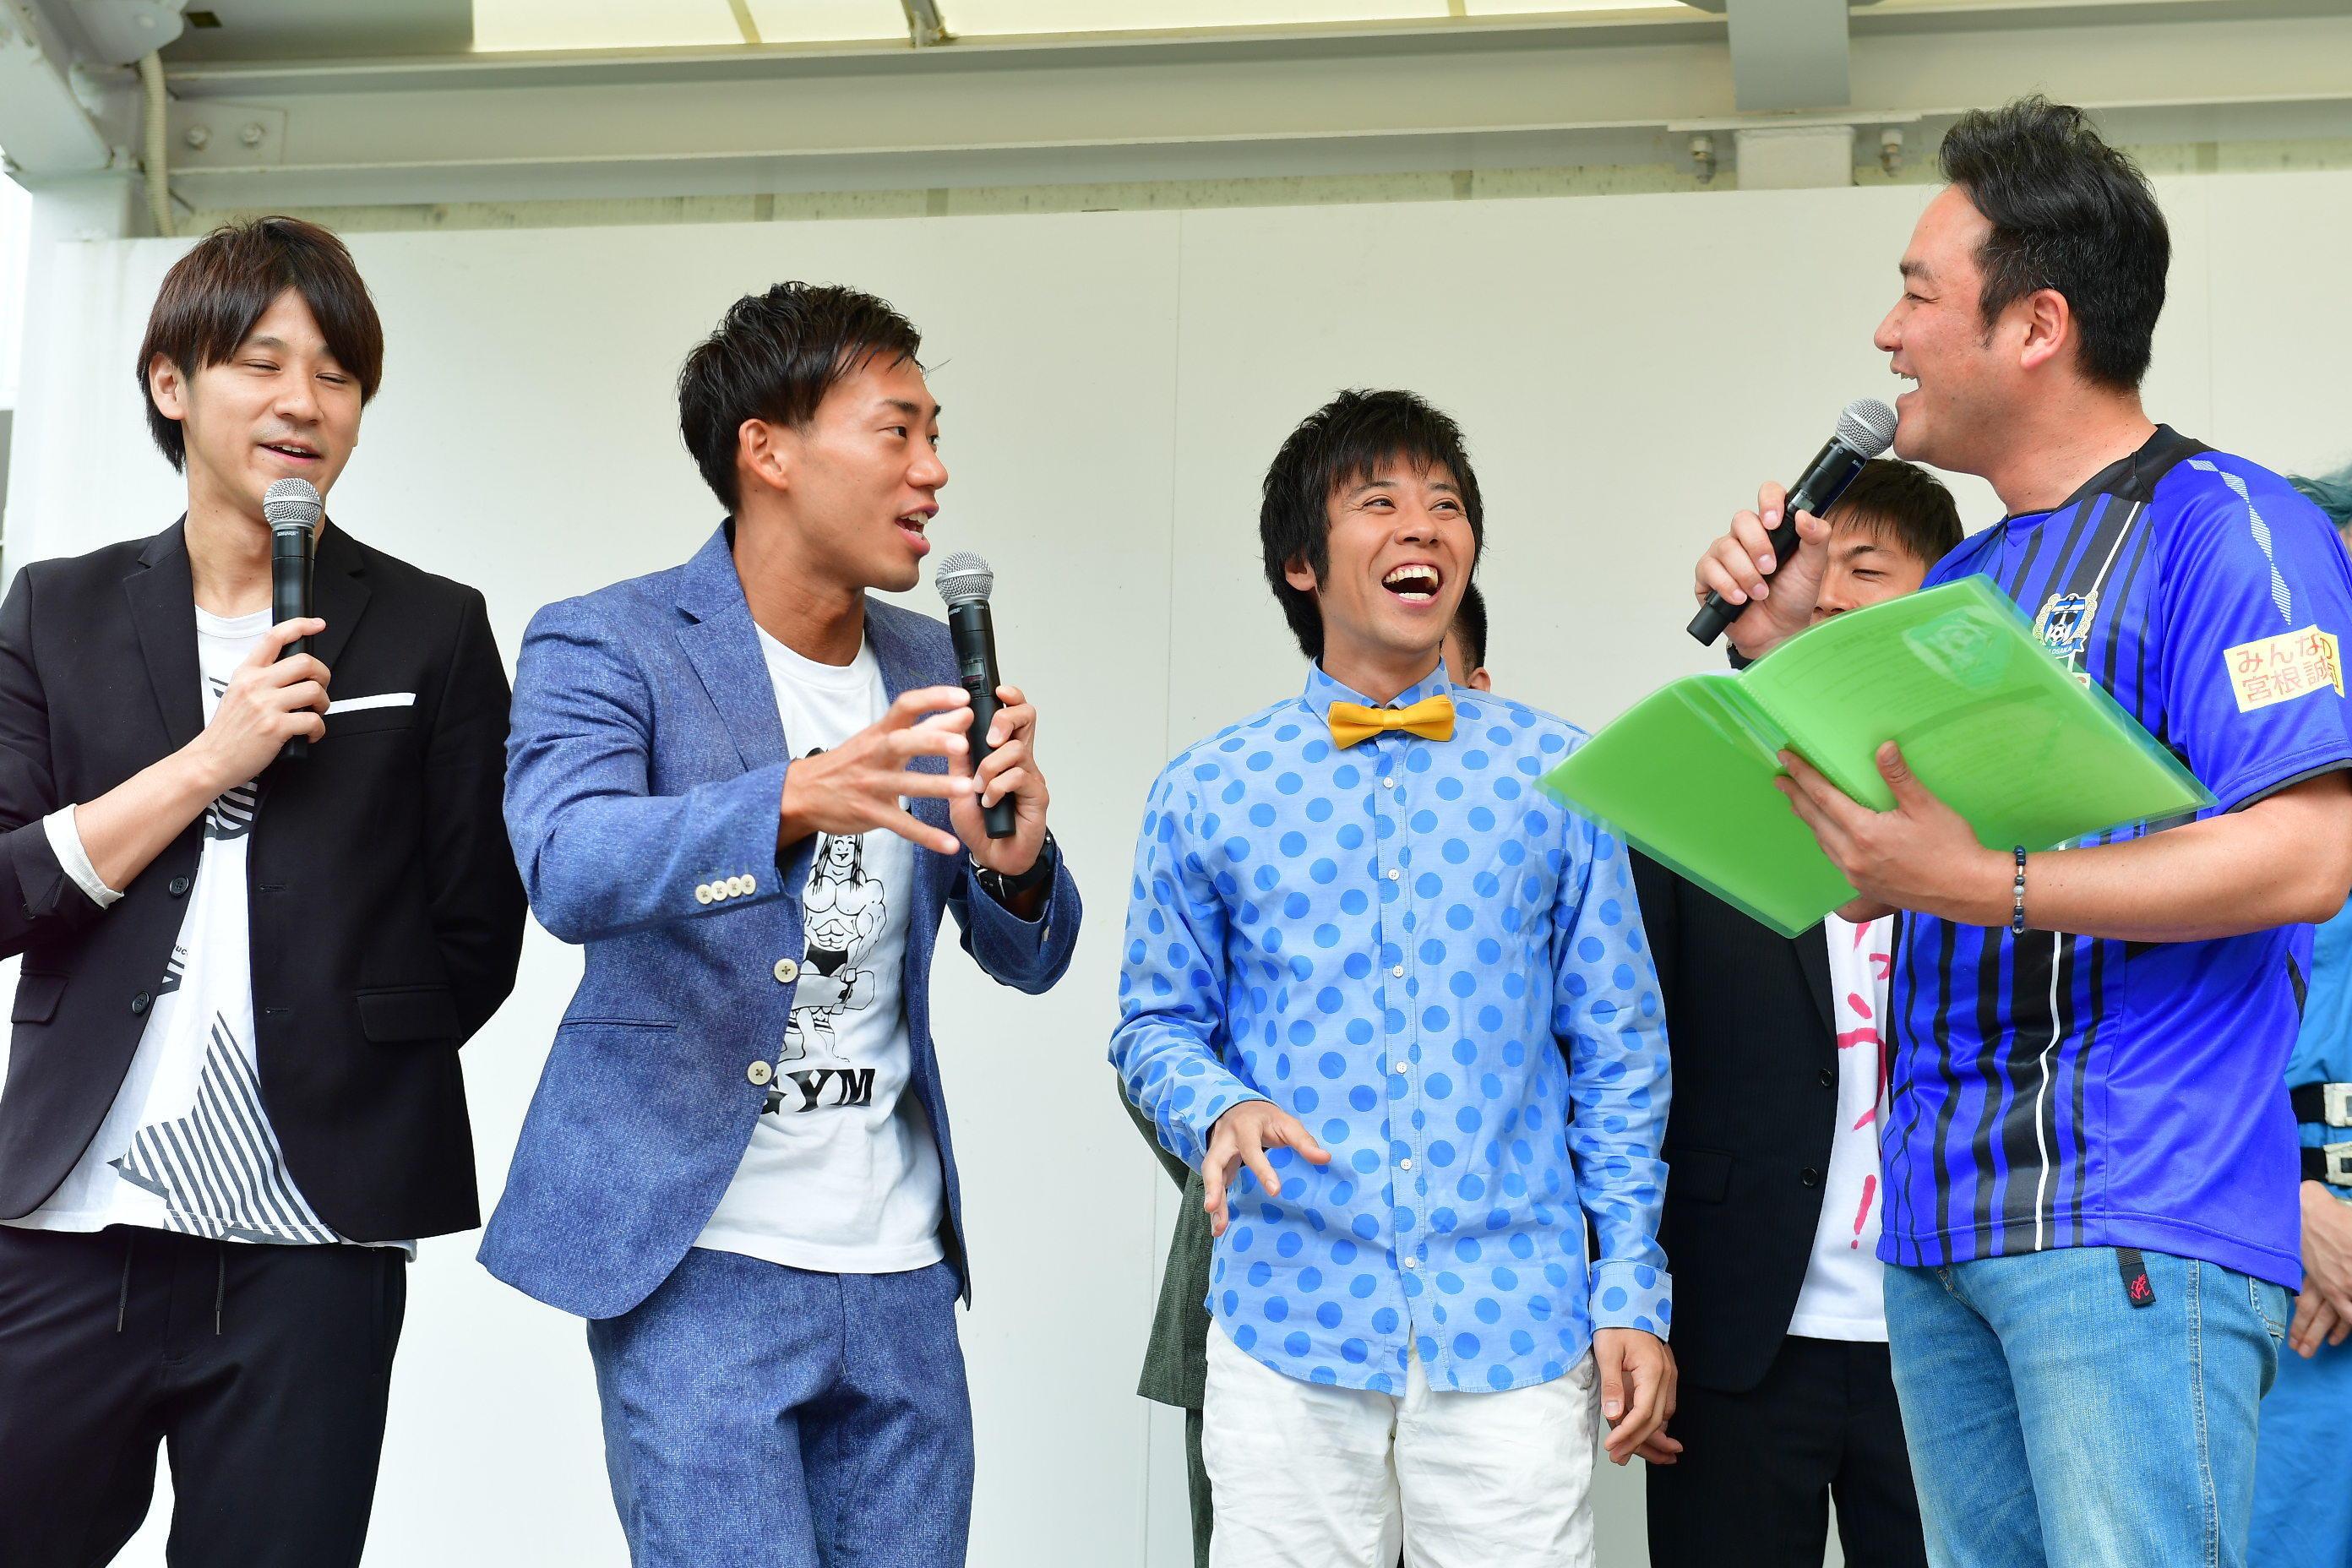 http://news.yoshimoto.co.jp/20180611144027-713ff1c5d65d486485ea4850da55b5f167cf1b25.jpg